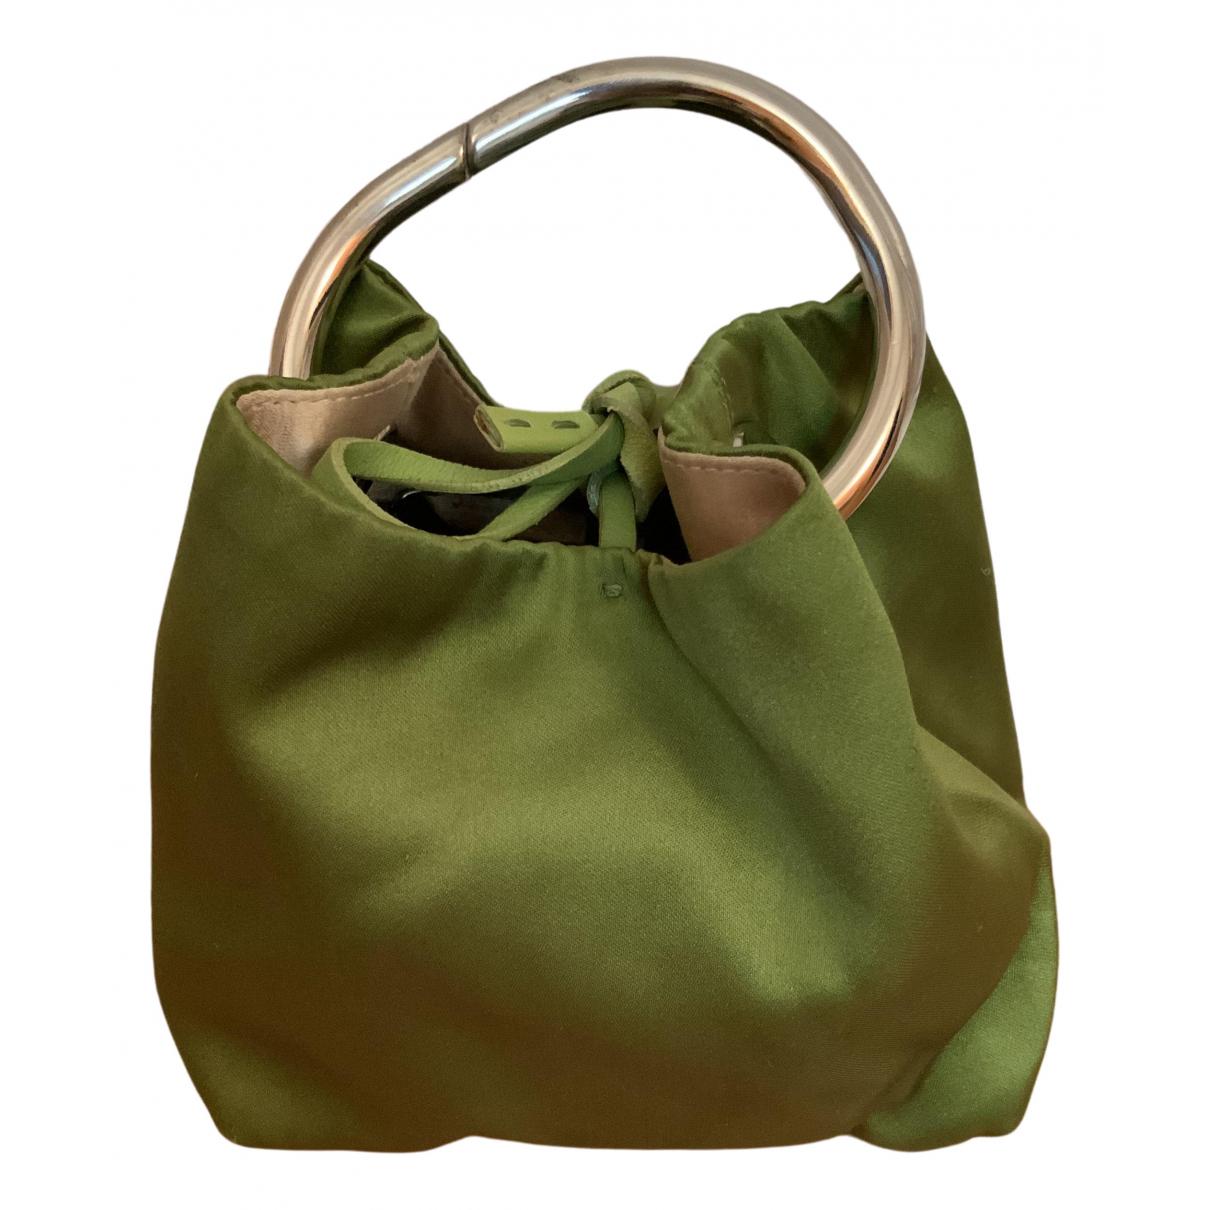 Prada \N Handtasche in  Gruen Seide